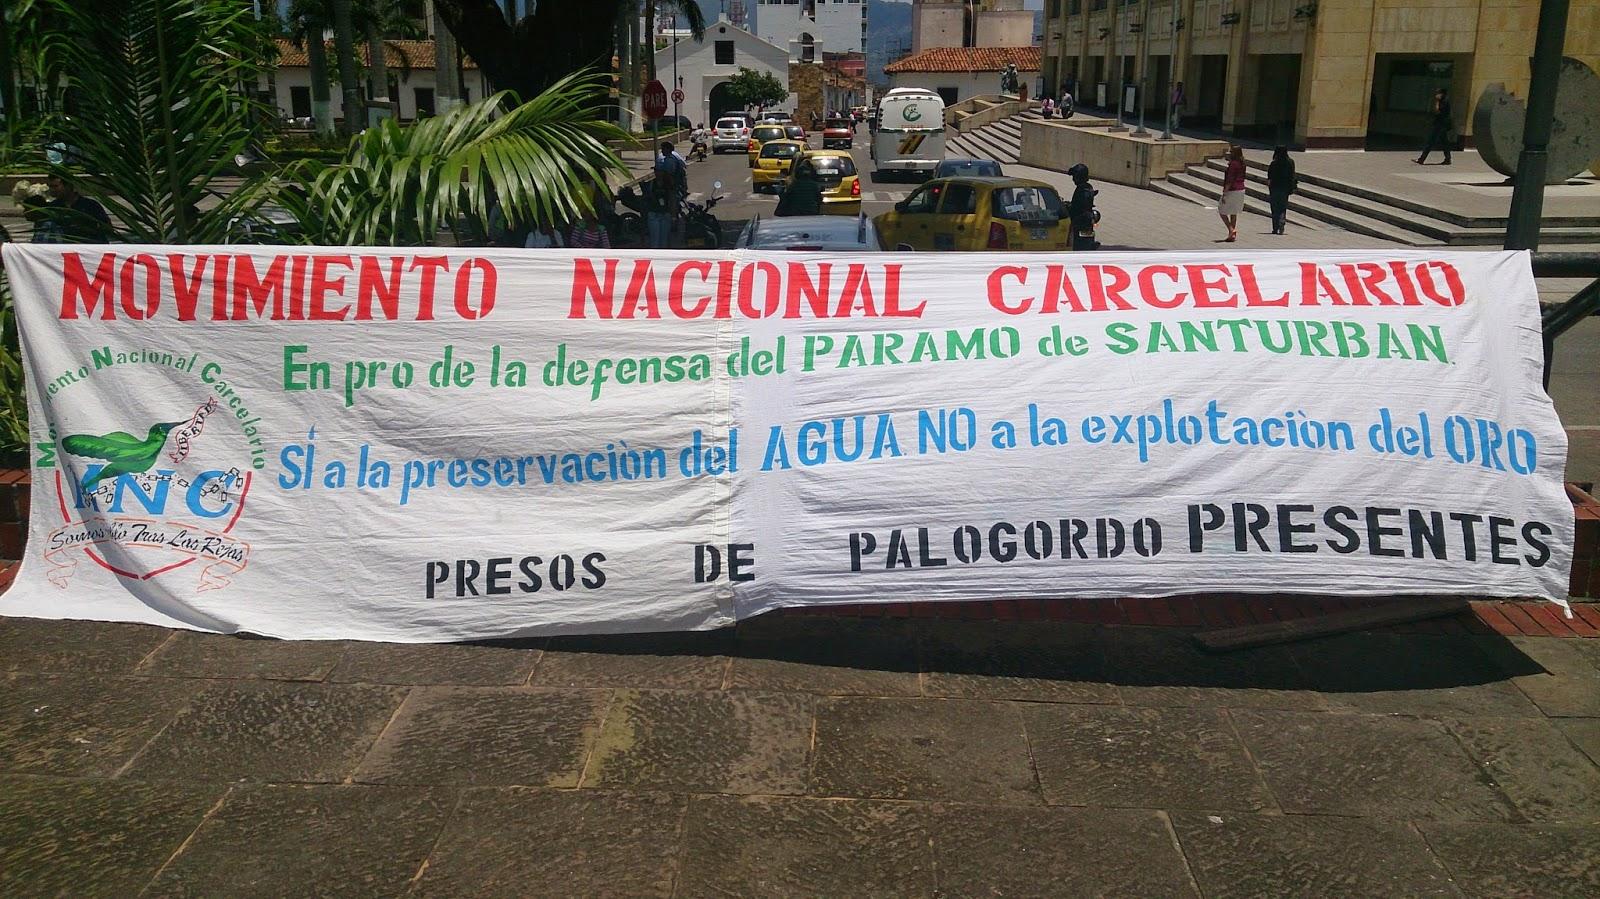 PRESOS DE PALOGORDO Y MOVIMIENTO NACIONAL CARCELARIO APOYAN MARCHA POR EL AGUA